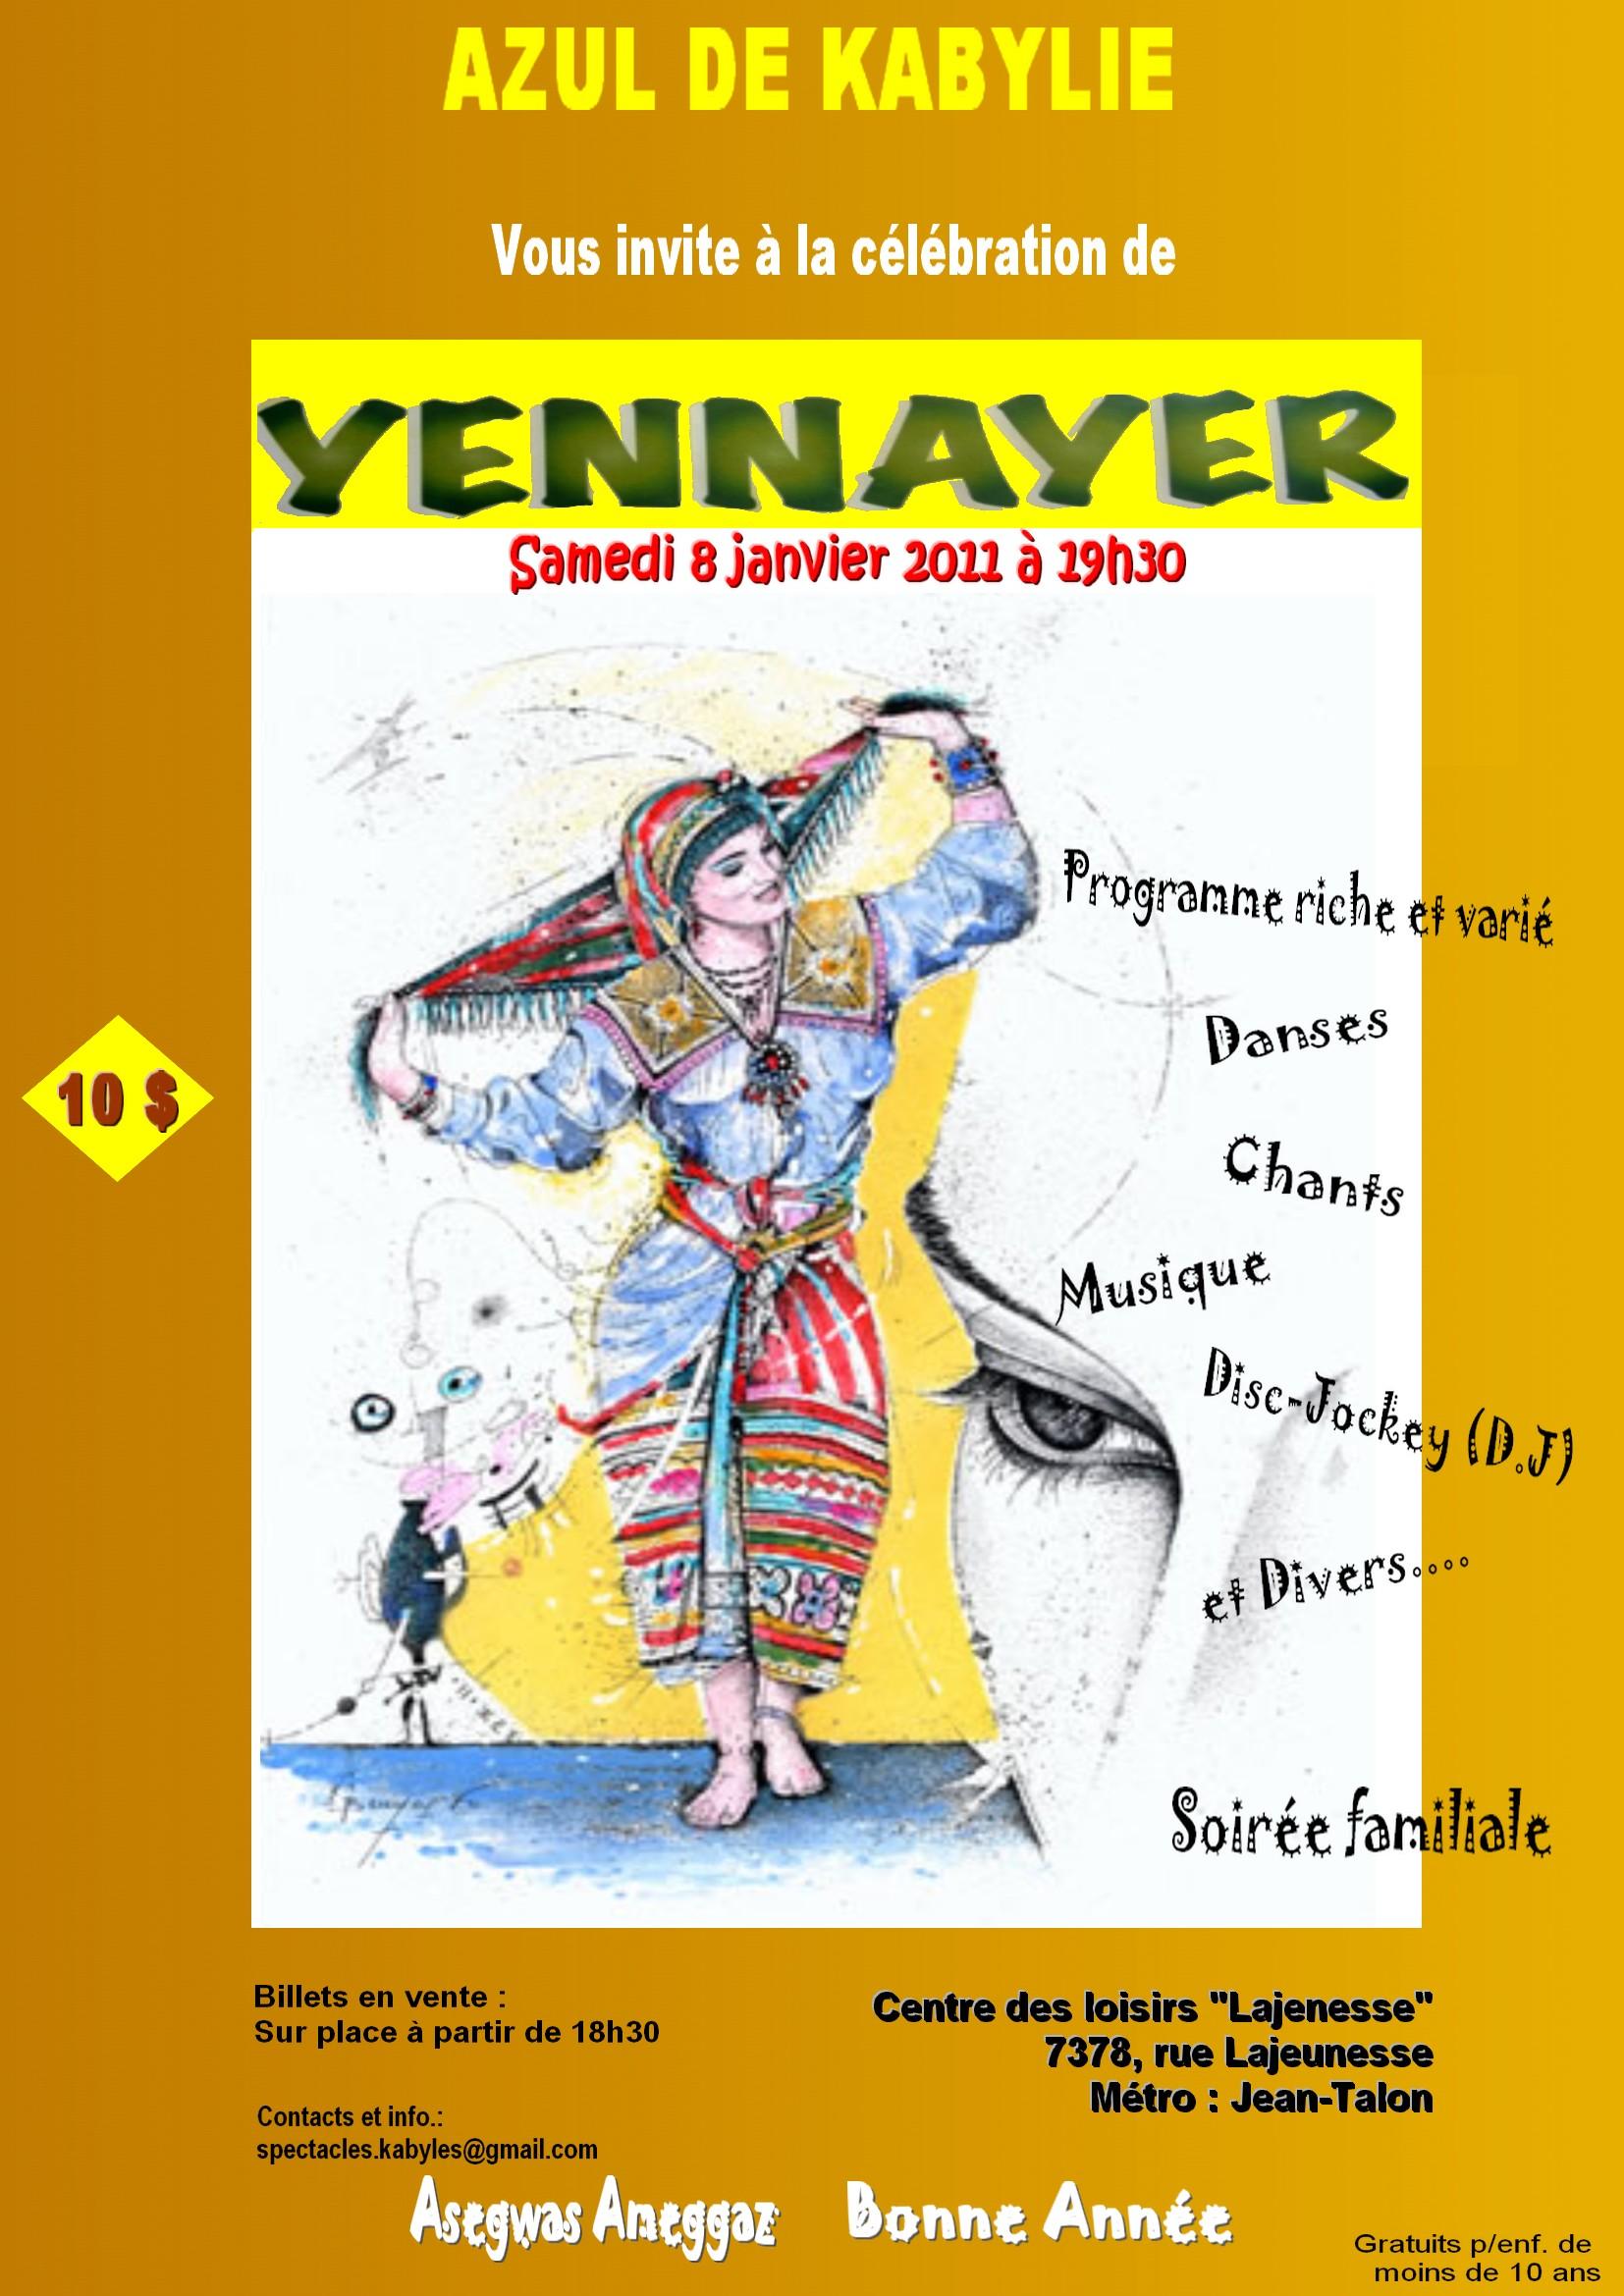 yennayer an amazigh montreal Amazigh Net :  Yennayer à Montreal